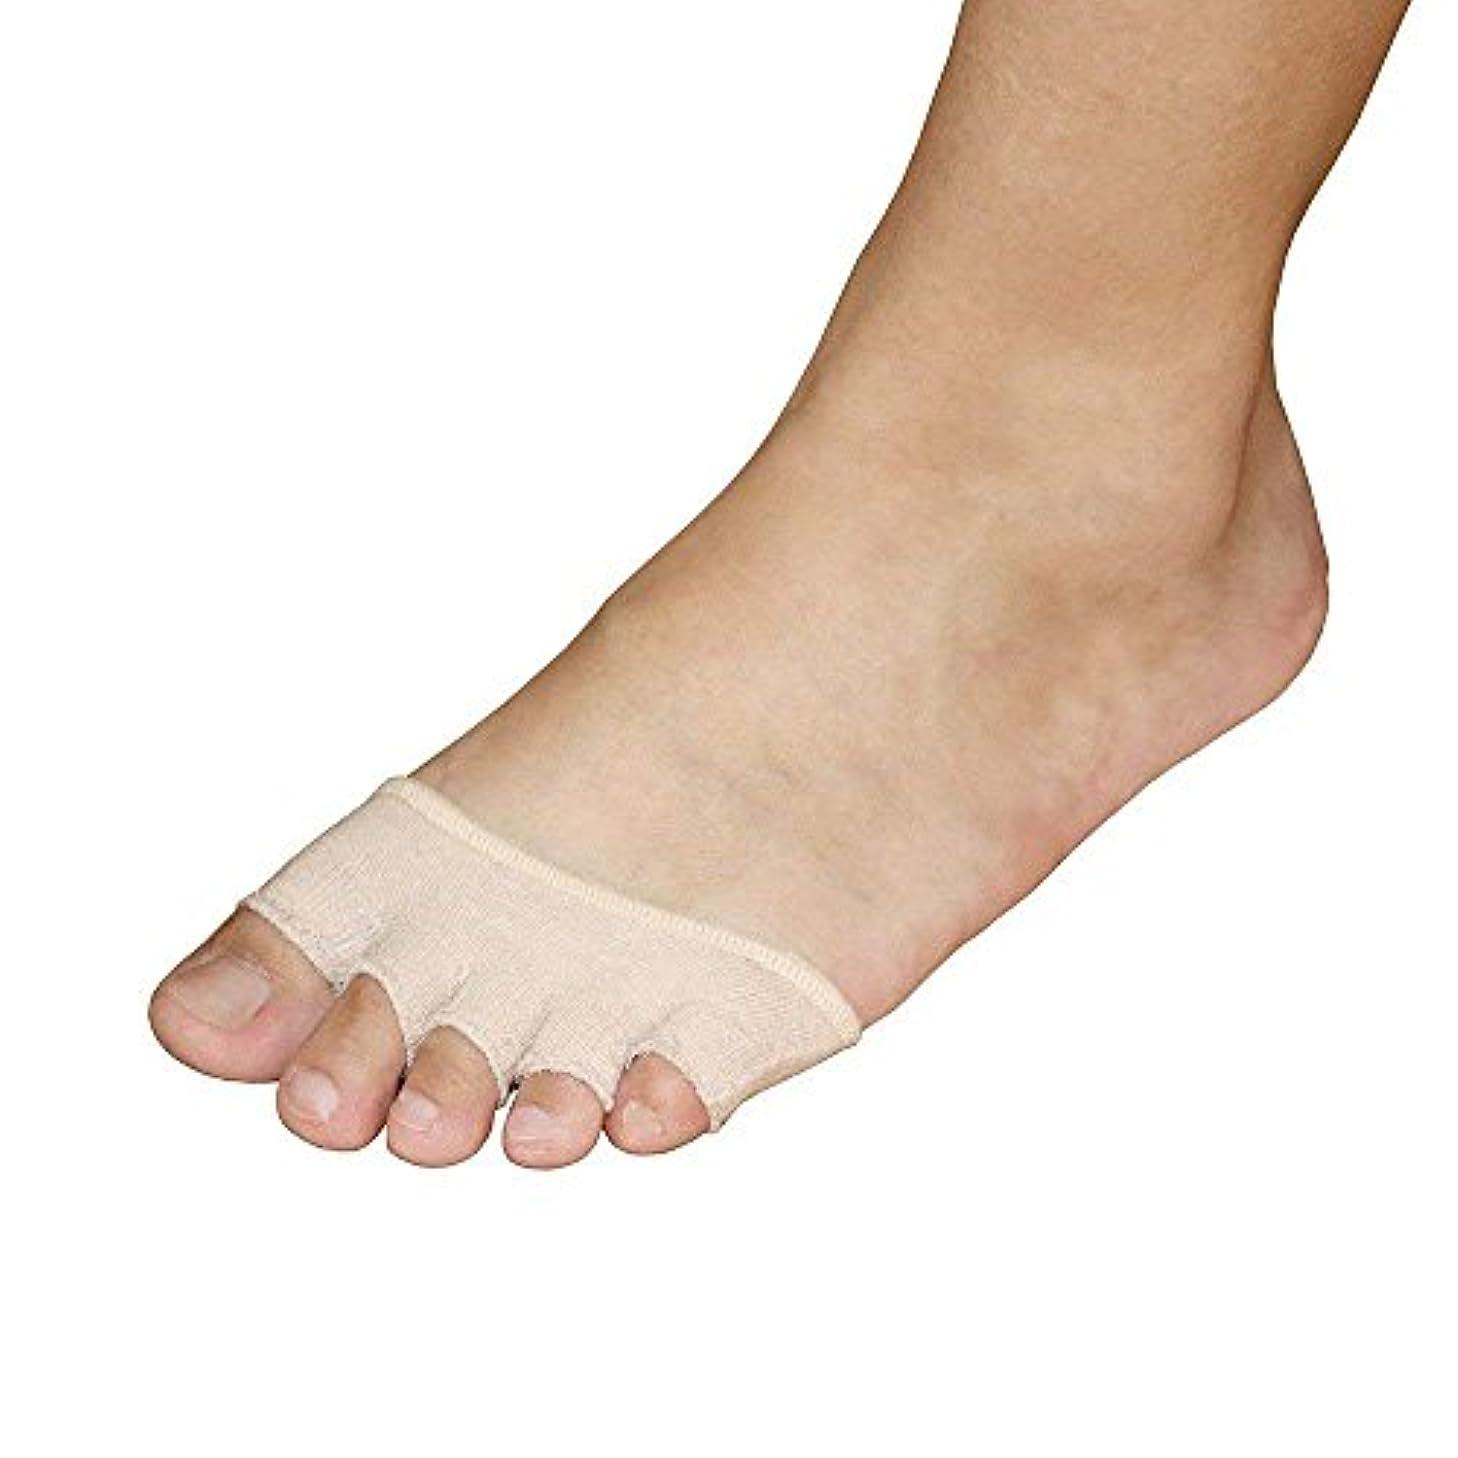 カレンダーペナルティ埋める2組のつま先靴下用女性表示なし、つま先スリーブ付きリリーフ痛みブリスター付きブーツクッションハイヒールスニーカーサンダル